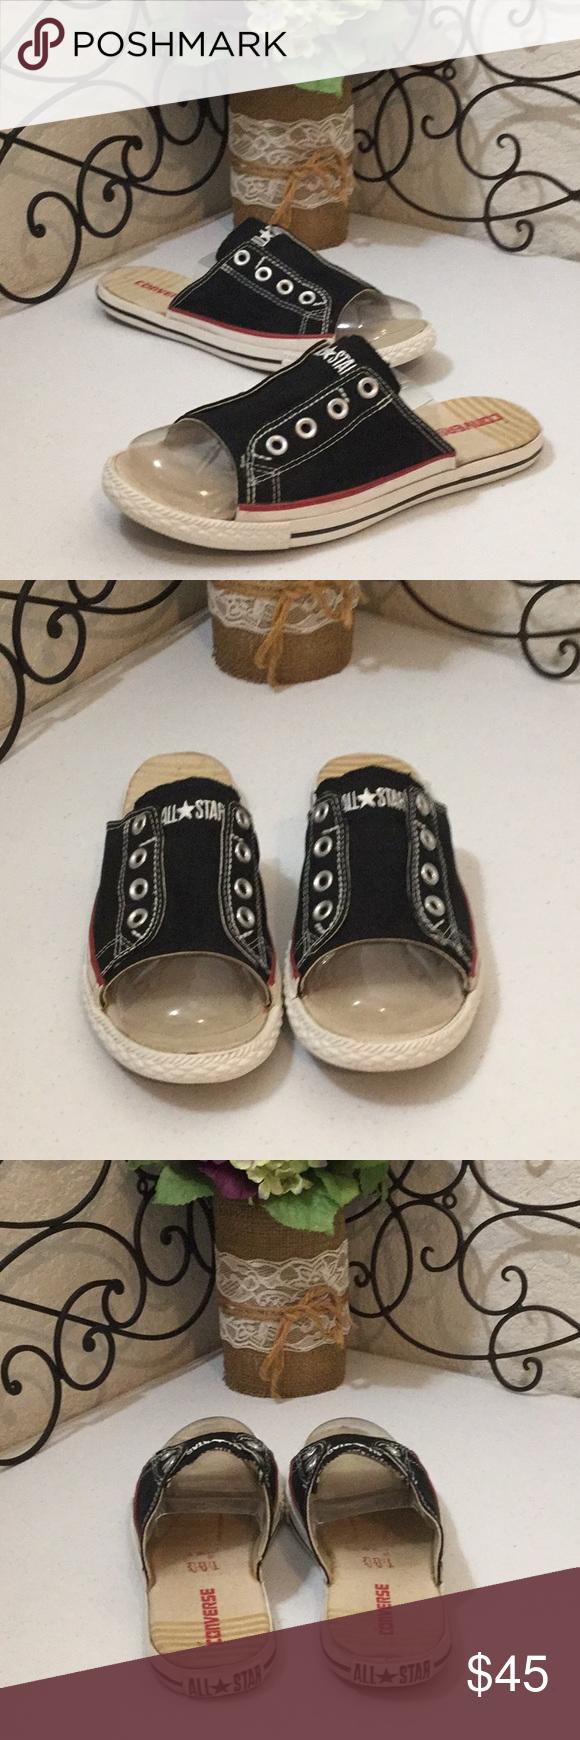 acf678e51ad2 CONVERSE ALL⭐️STAR Sneaker Slides